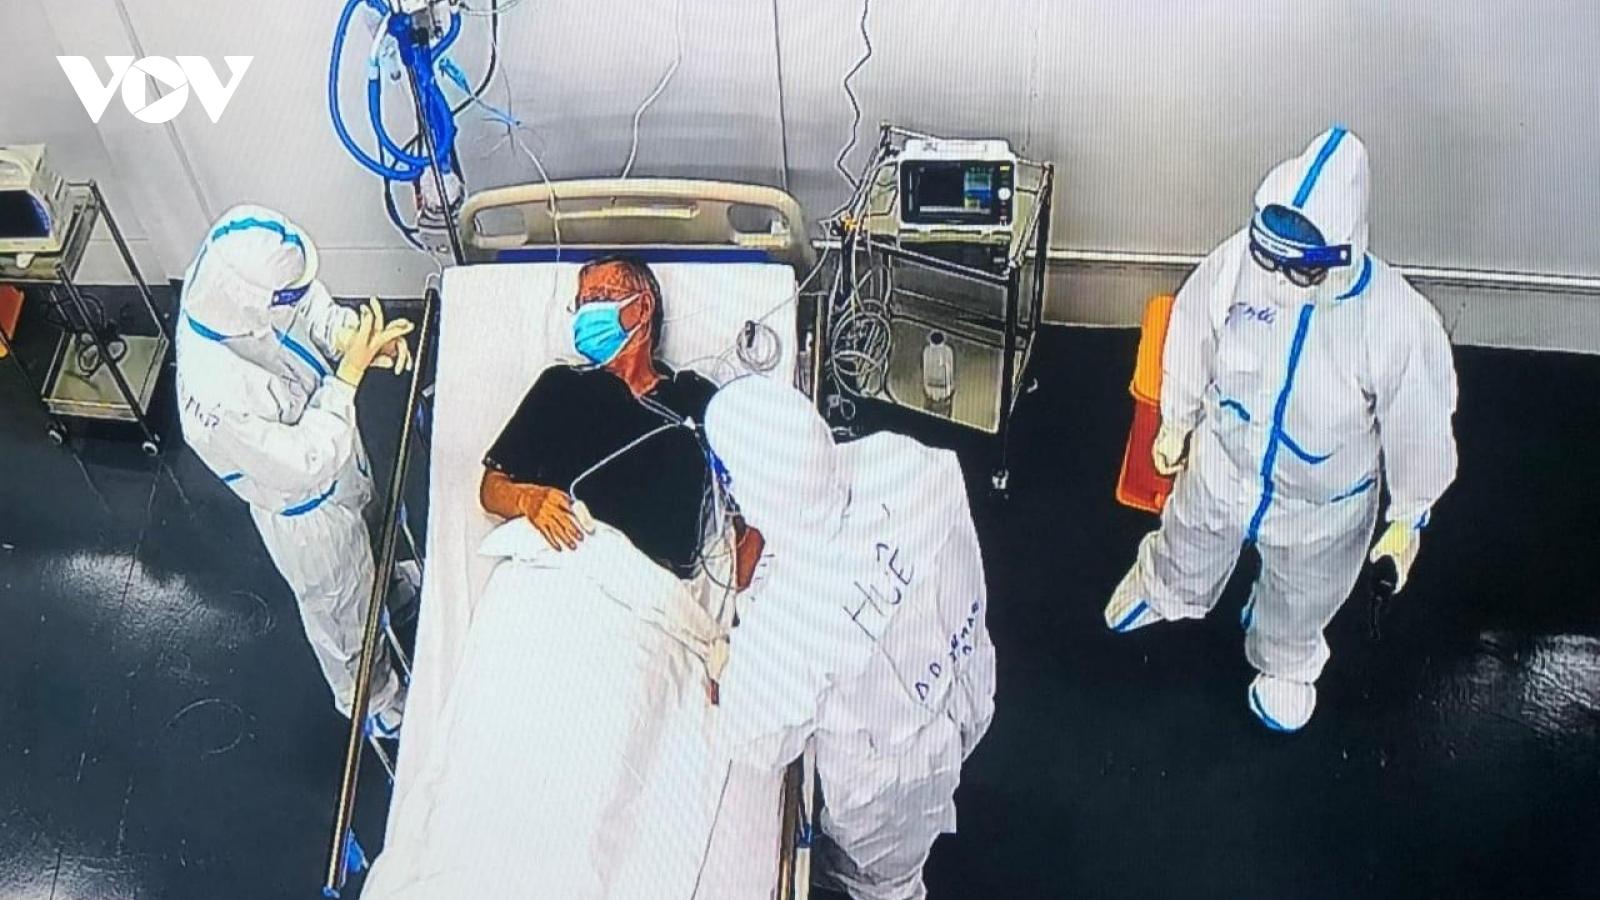 Bệnh viện Trung ương Huế đưa robot vào điều trị bệnh nhân Covid-19 tại TP.HCM